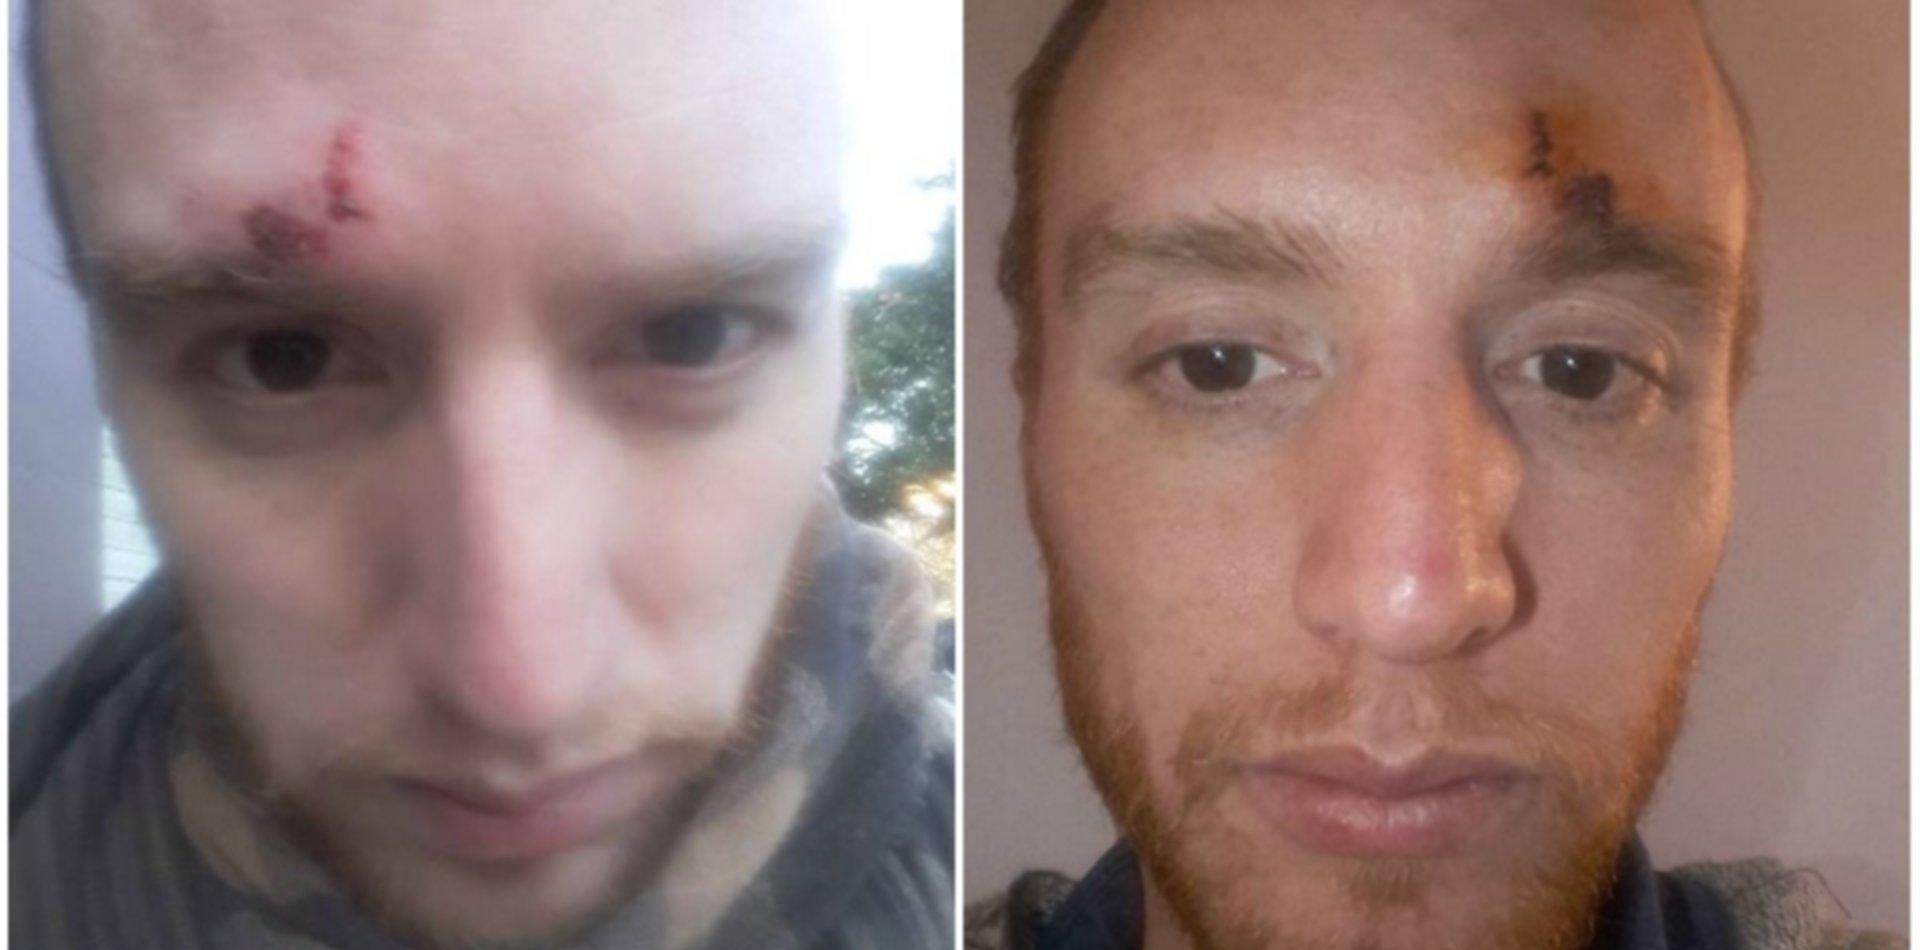 Salvaje ataque homofóbico en Zona Norte: le rompieron la cabeza por ser gay